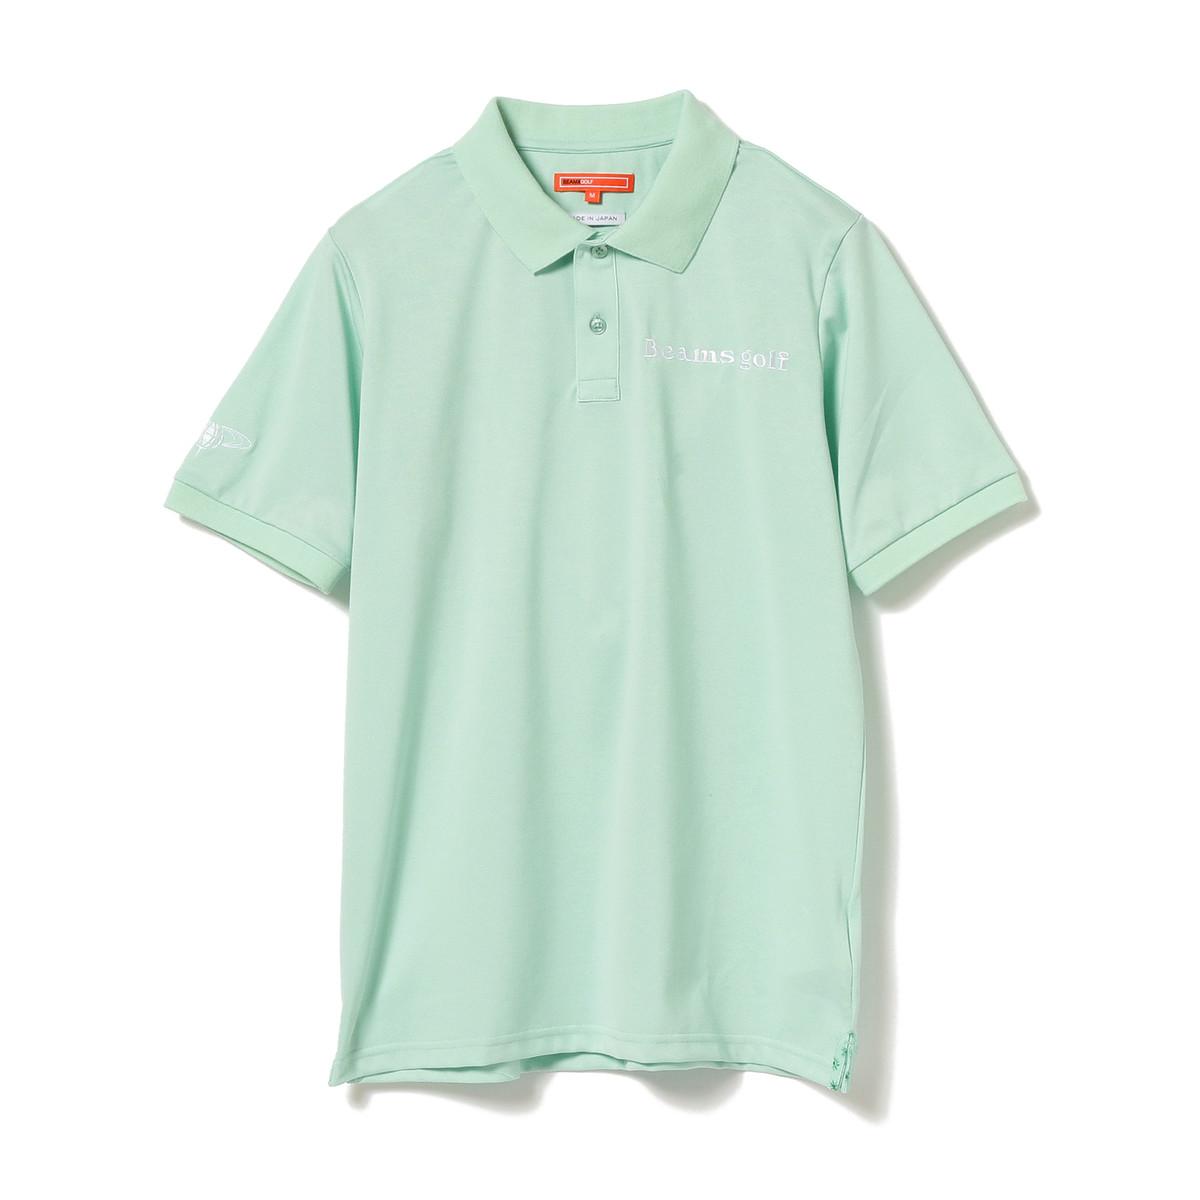 BEAMS GOLF ORANGE LABEL デオセル鹿の子 ポロシャツ